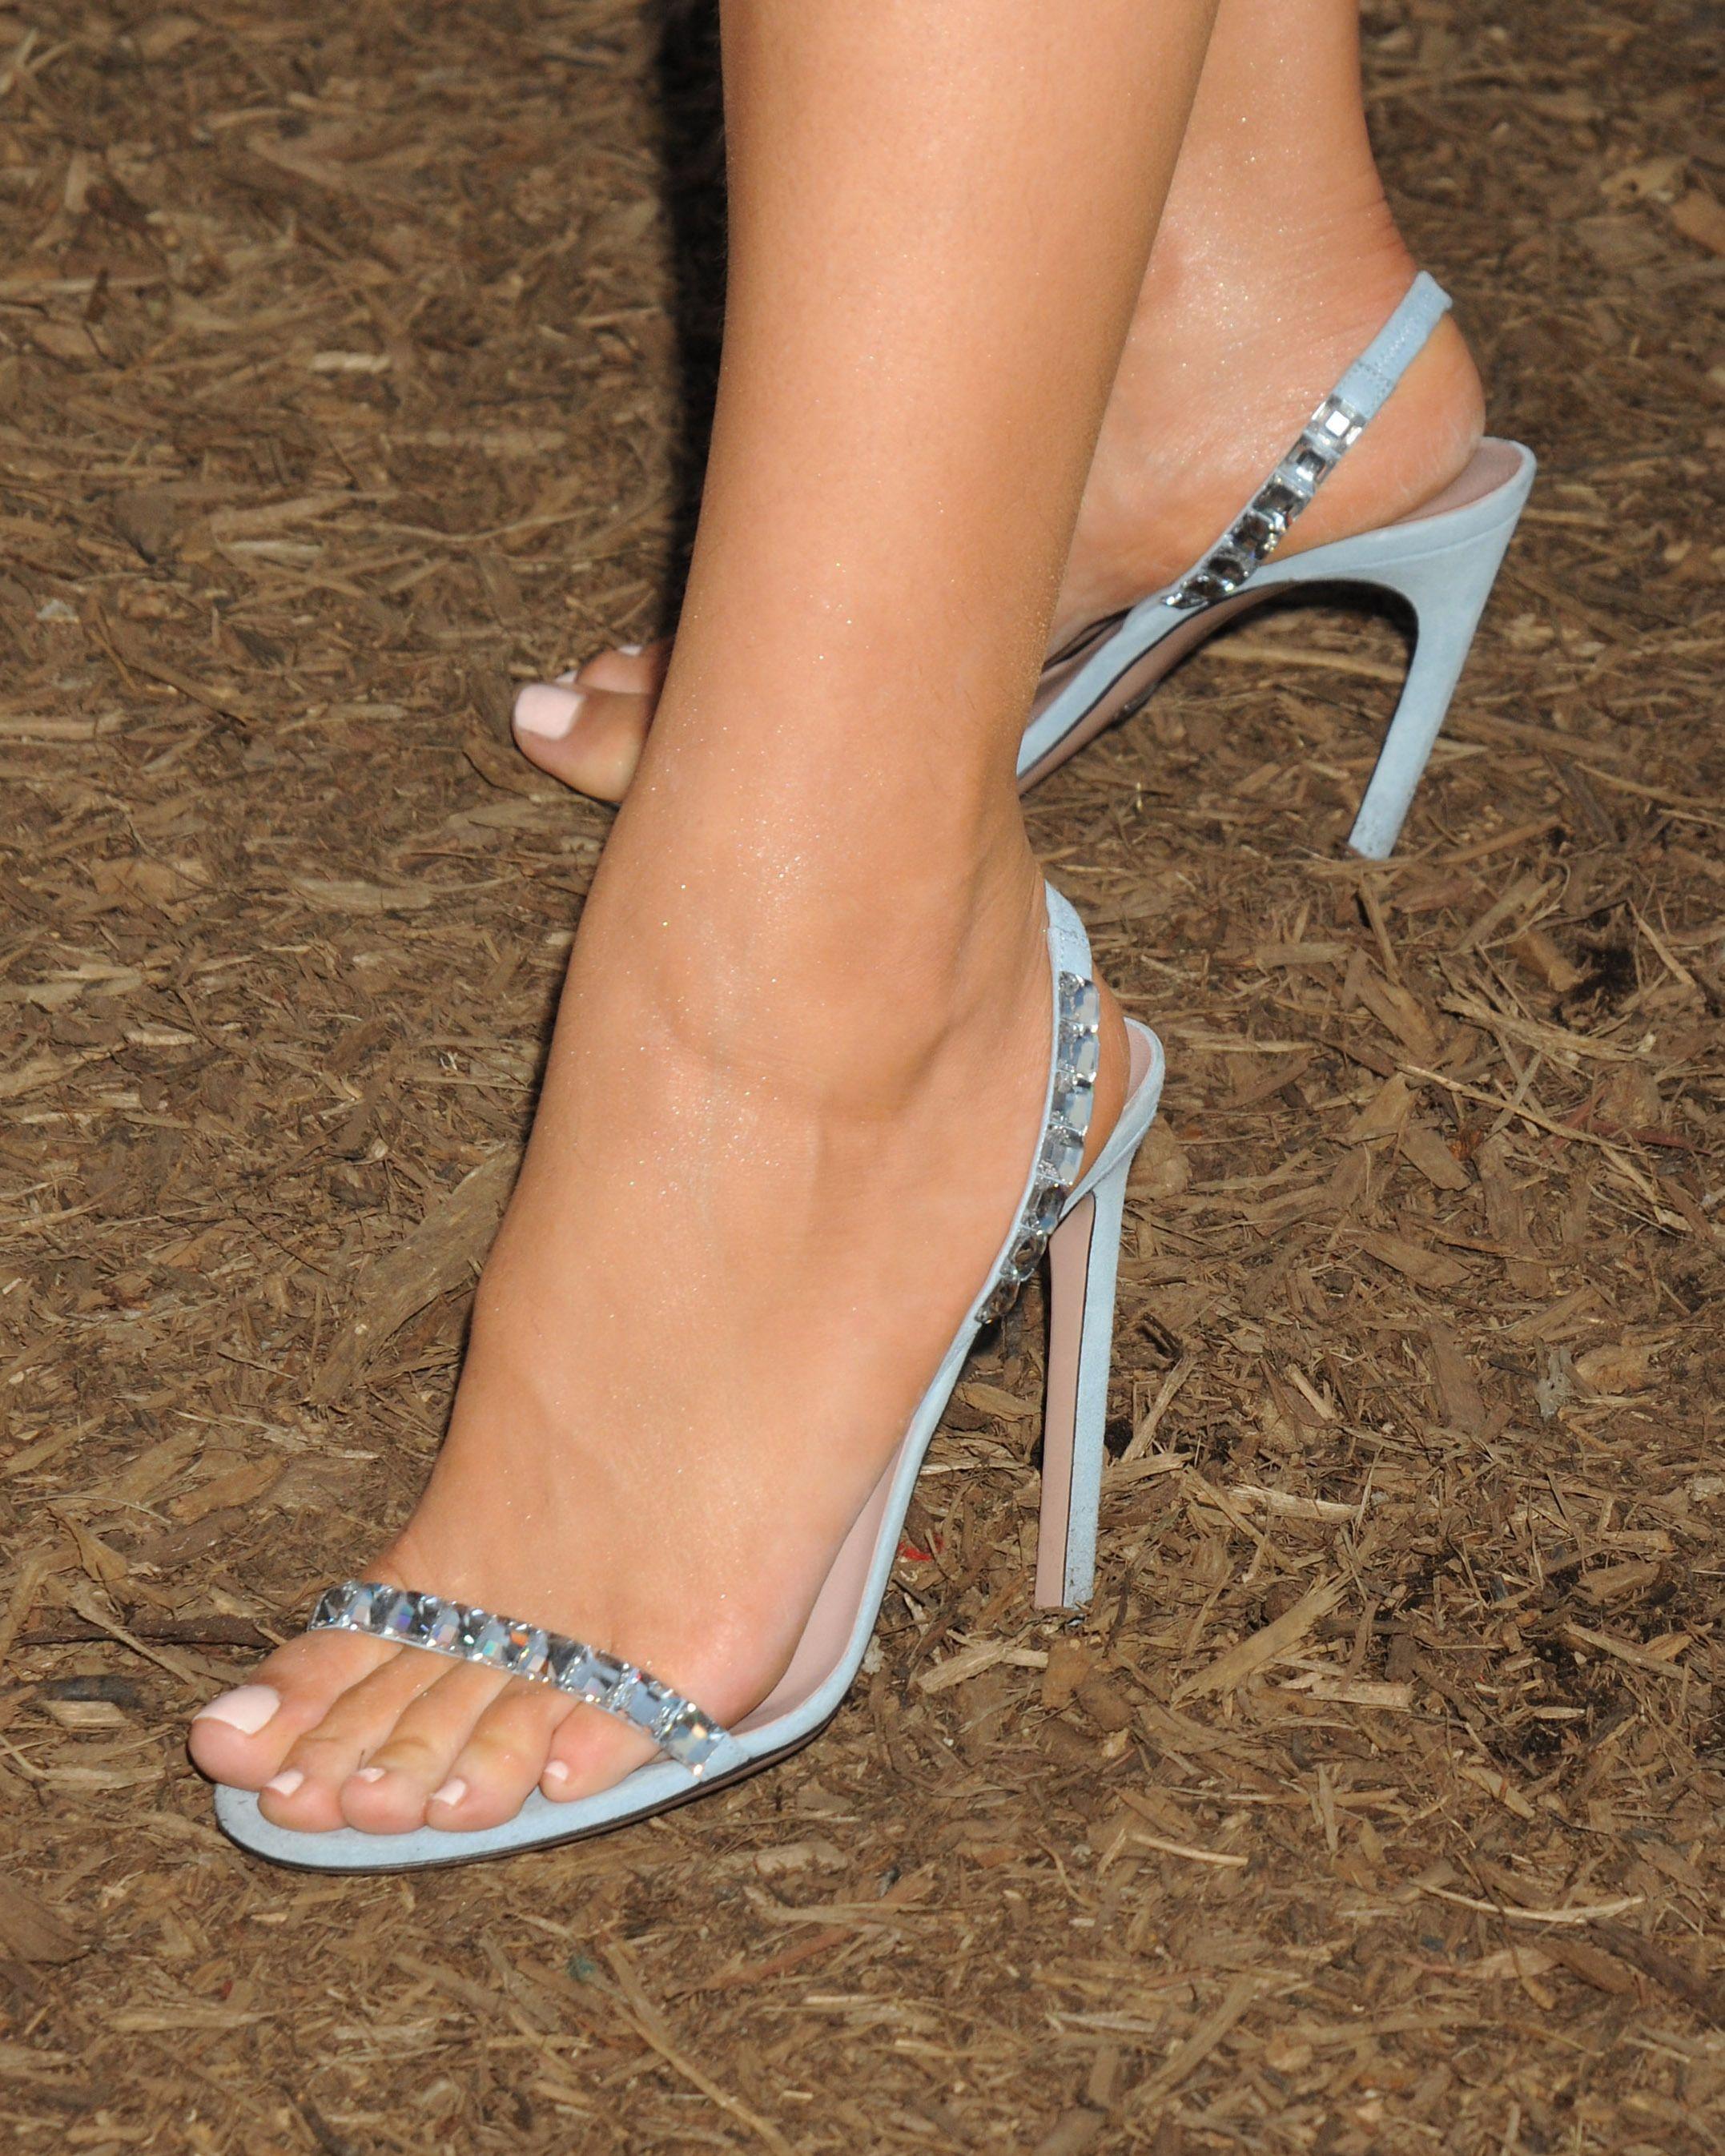 Blake Lively S Feet